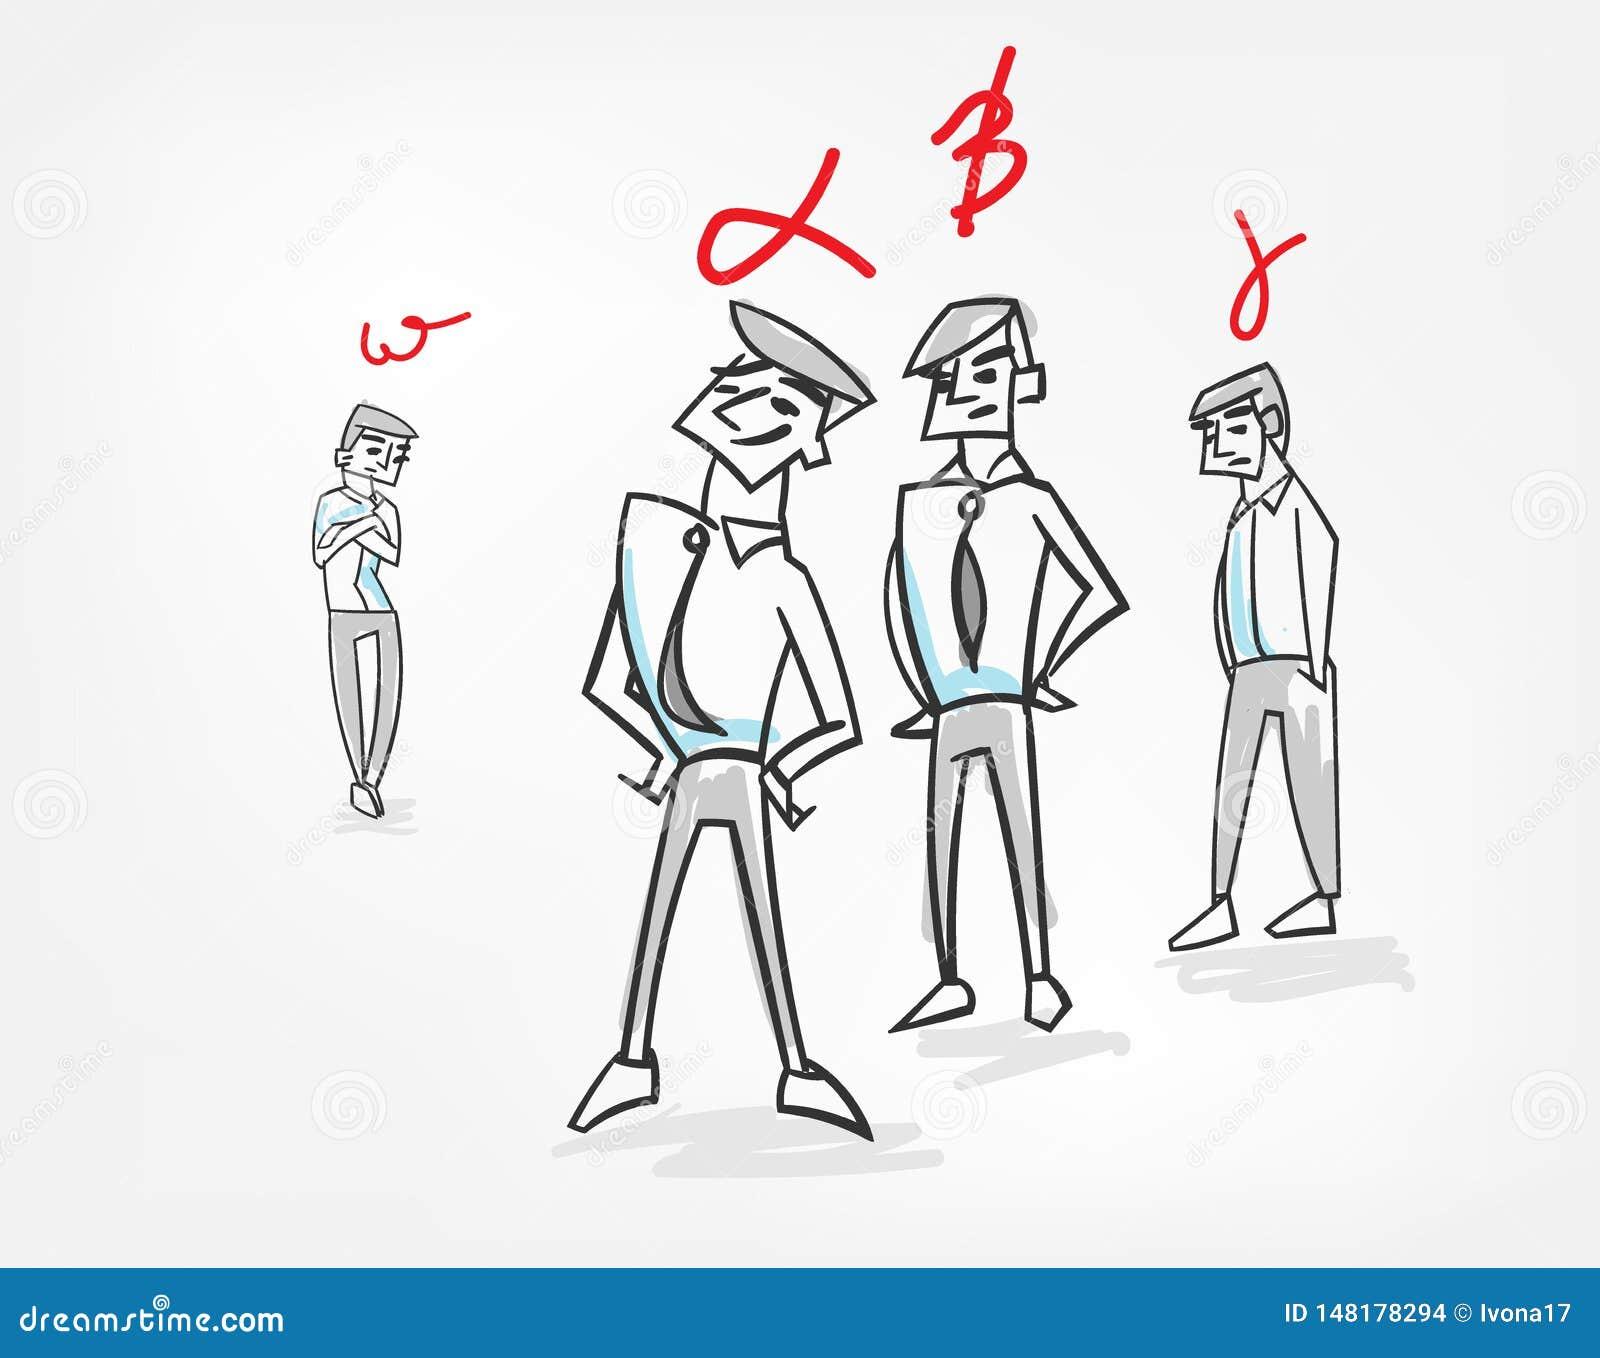 Doodle эскиза иллюстрации вектора сыгранности концепции психологии иерархии группы